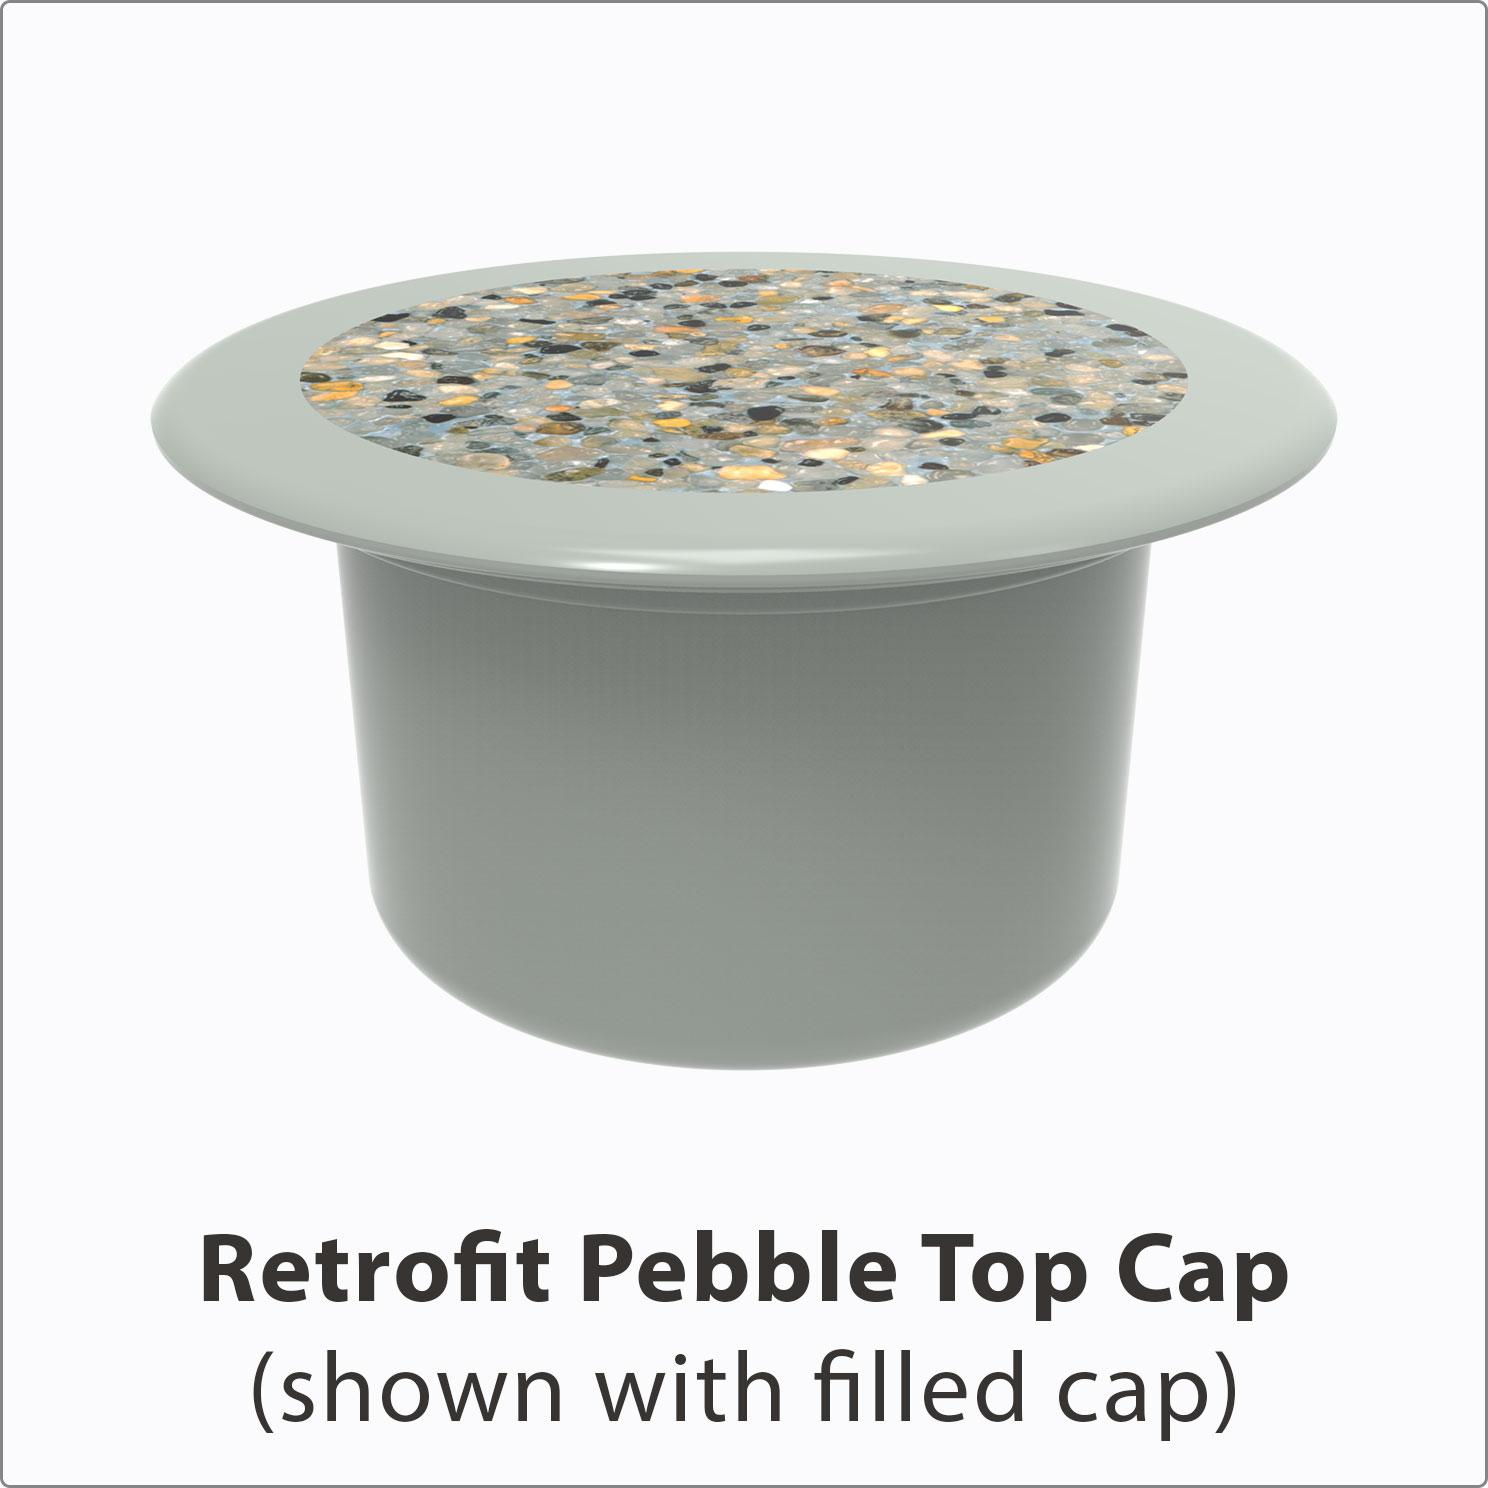 Retrofit Pebble Top Cap